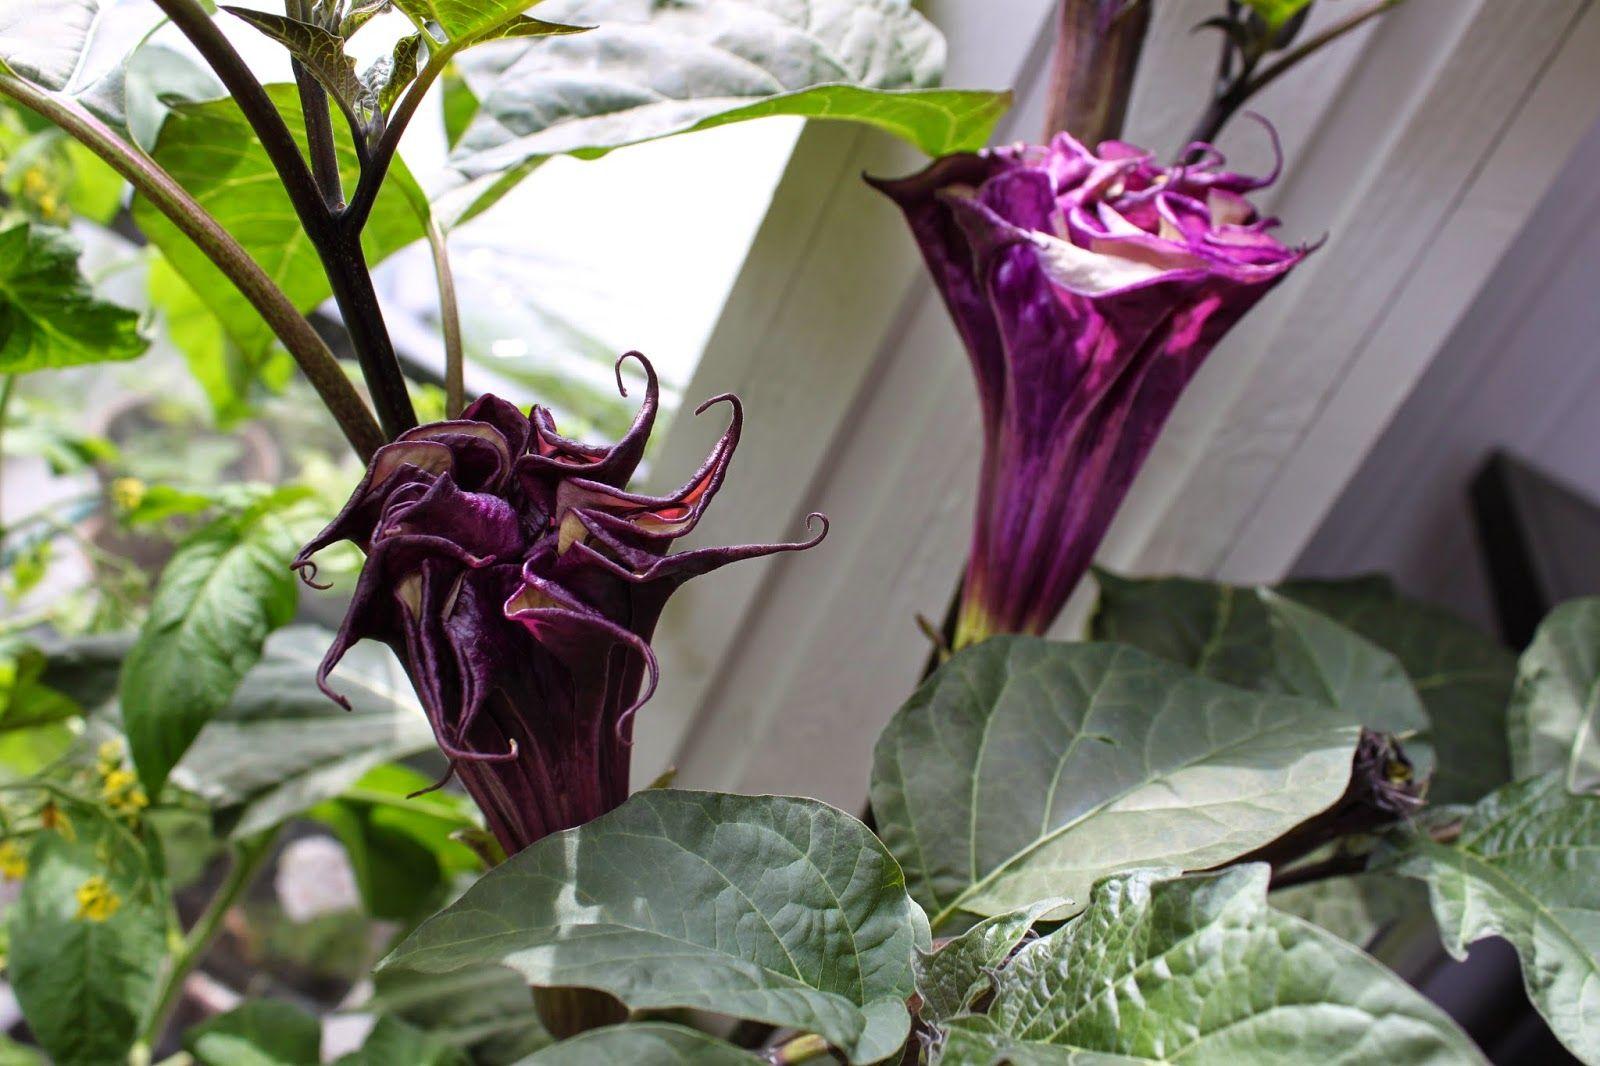 Karolinan puutarha. Karolinas trädgård. Karolina's garden. Datura.